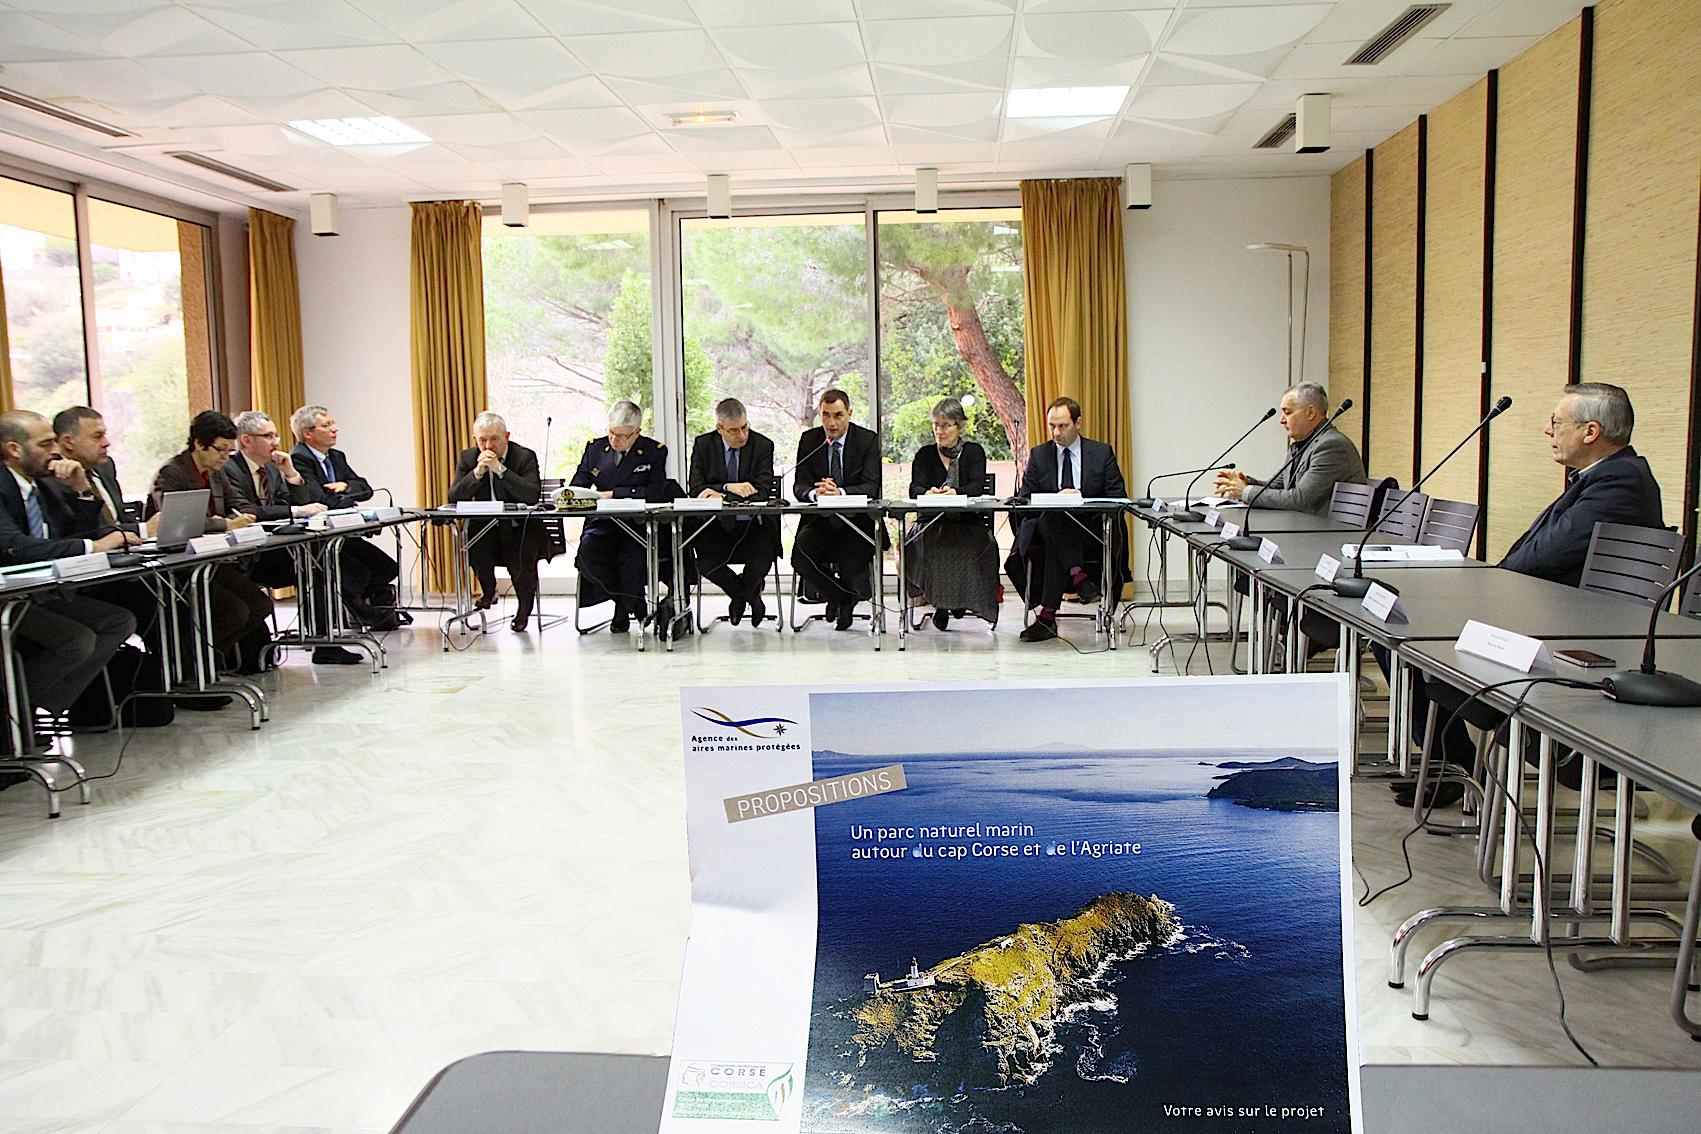 Parc naturel marin du Cap Corse et de l'Agriate : Le commissaire-enquêteur désigné